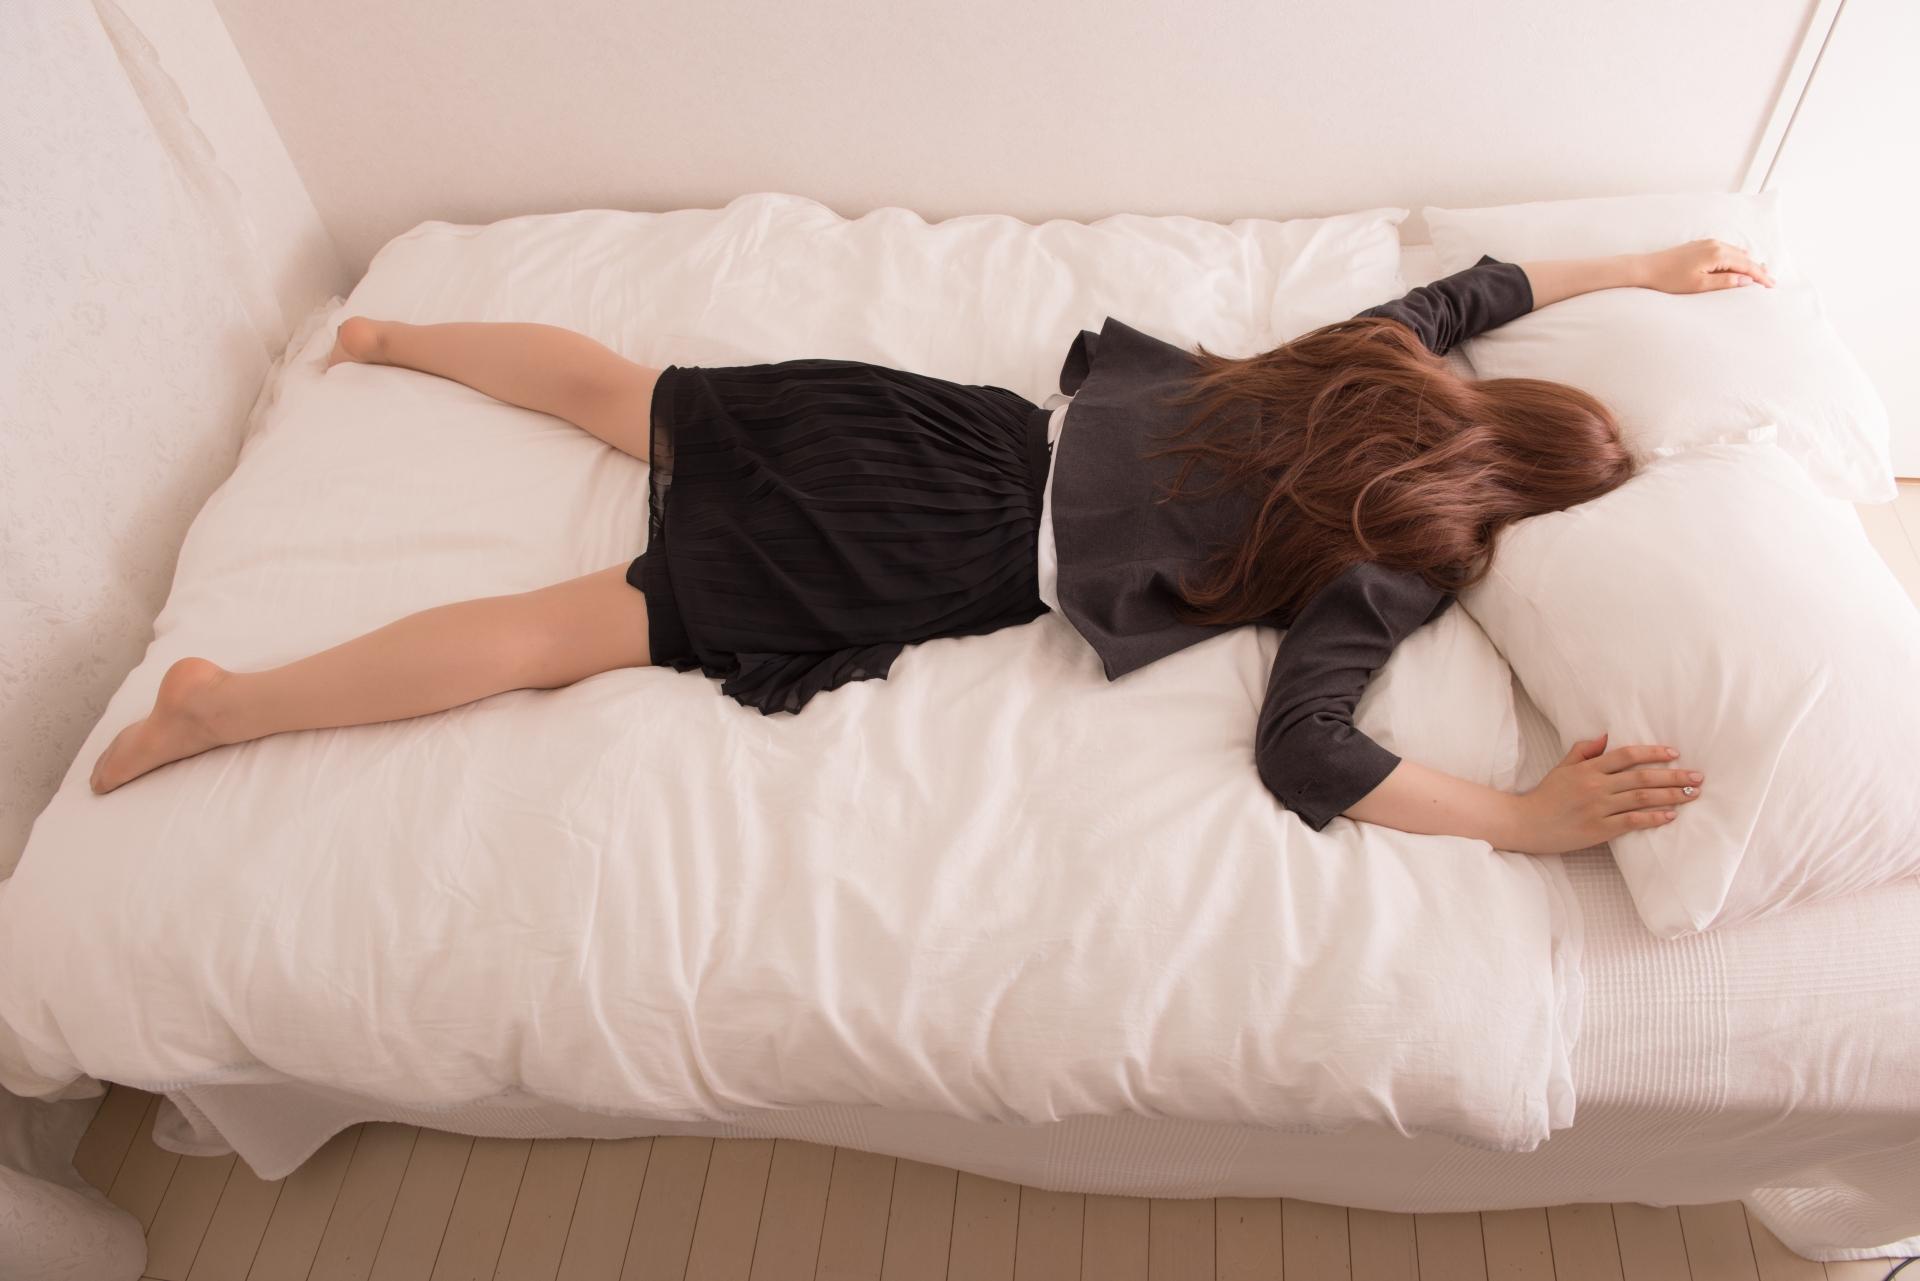 ベッドから動かずに生活可能